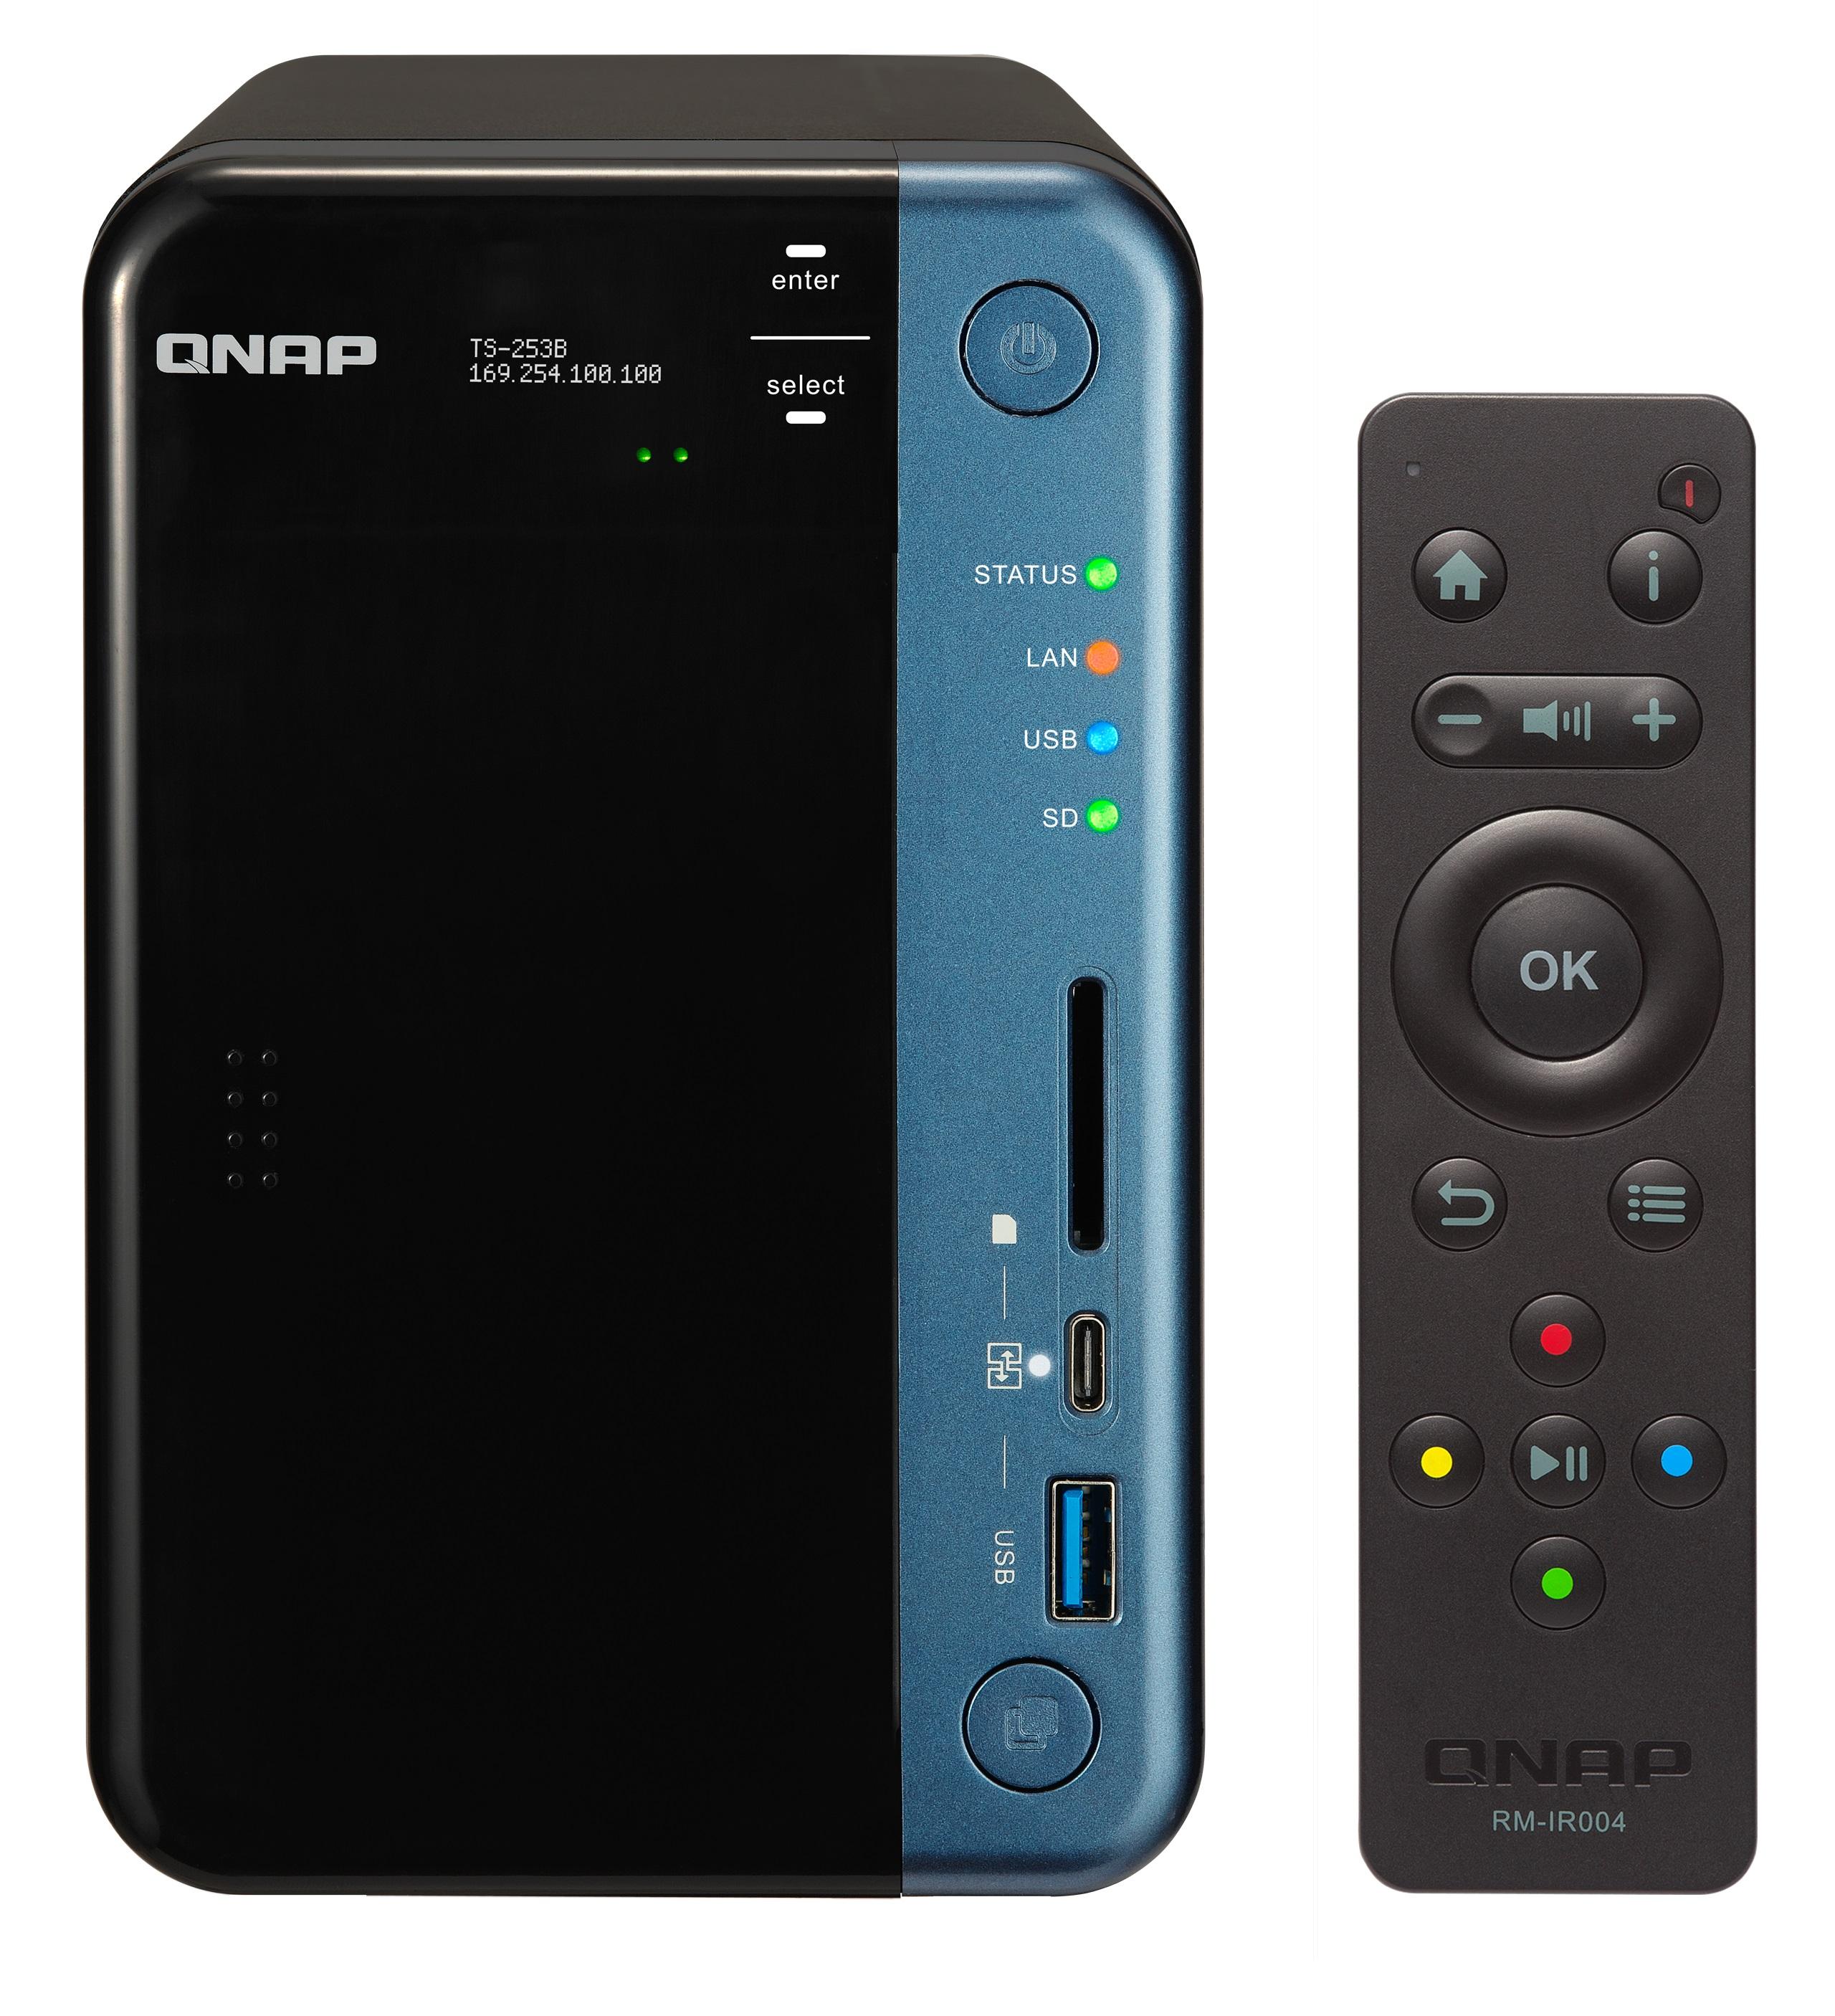 QNAP TS-253B-8G (1,5Ghz/8GB RAM/2xSATA/2xHDMI)